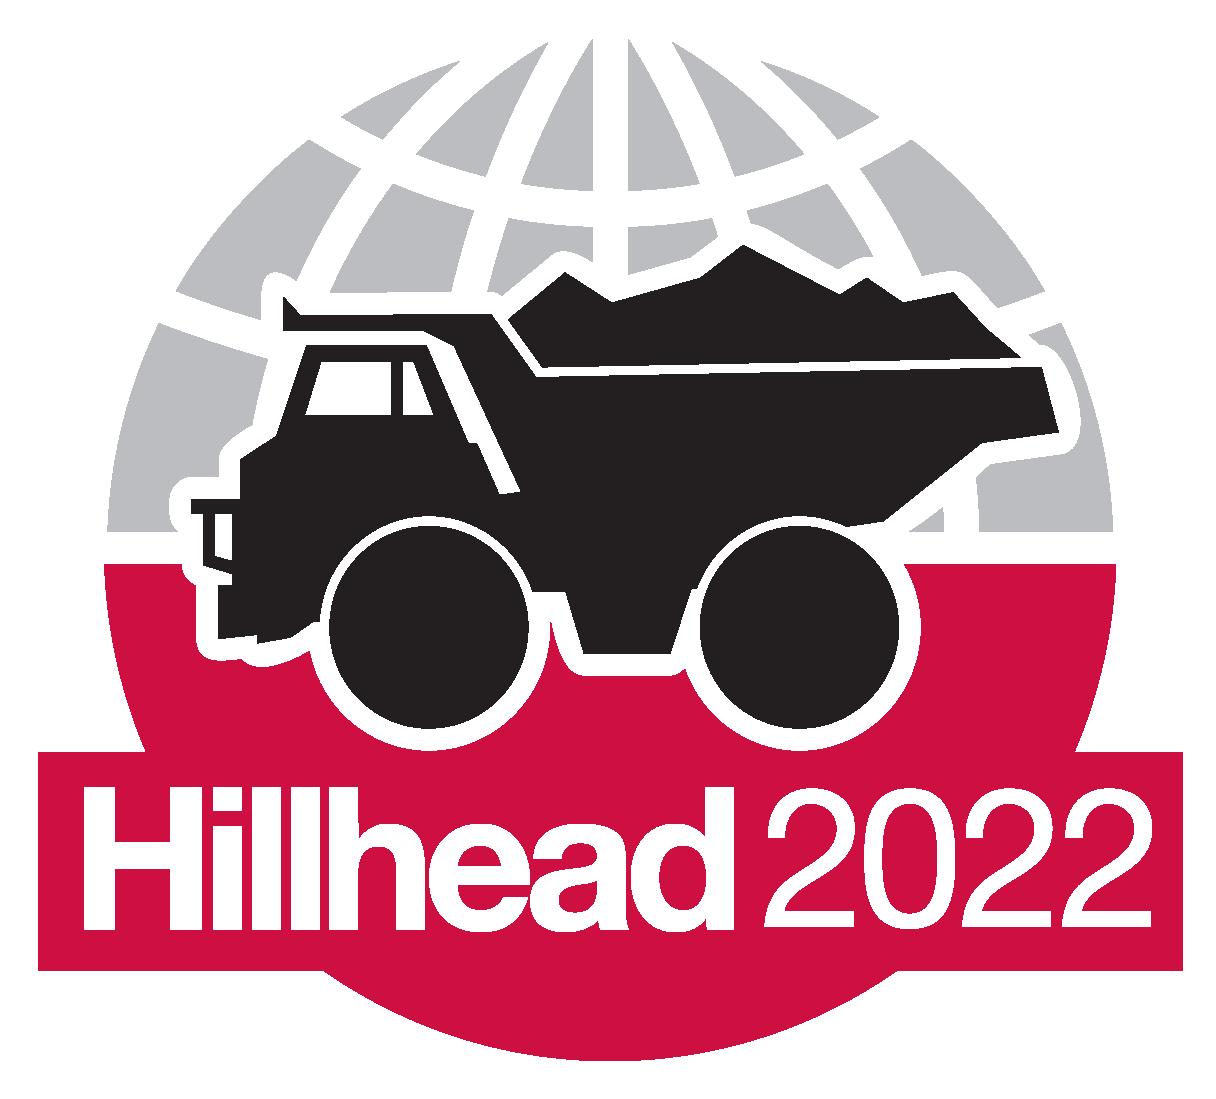 Hillhead 2022